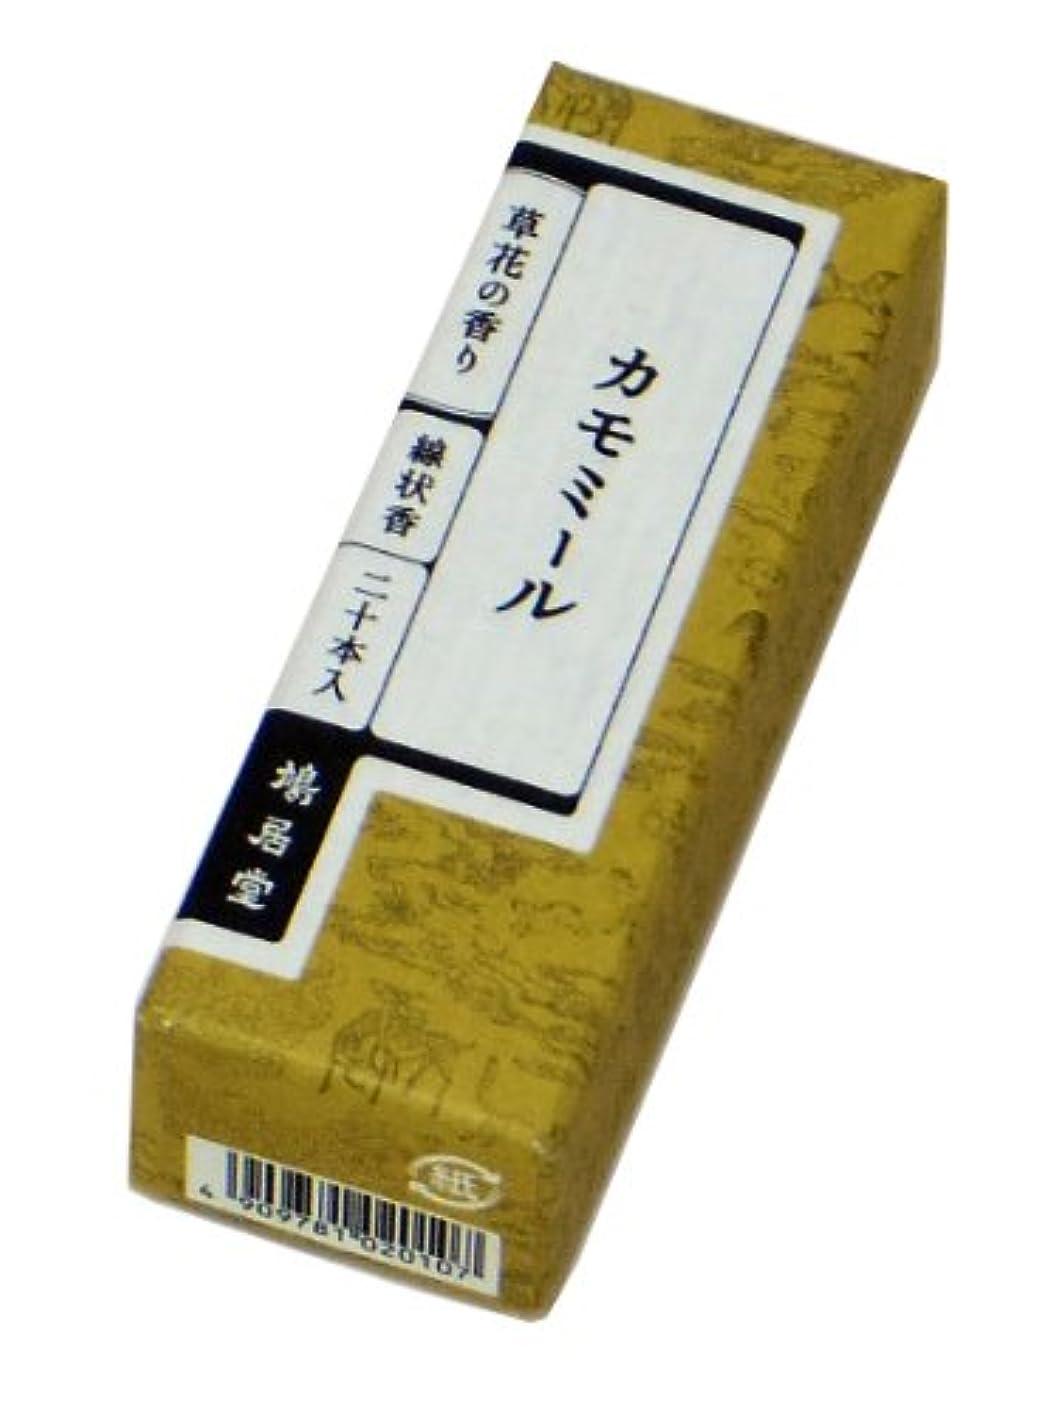 妨げるグラス落ちた鳩居堂のお香 草花の香り カモミール 20本入 6cm